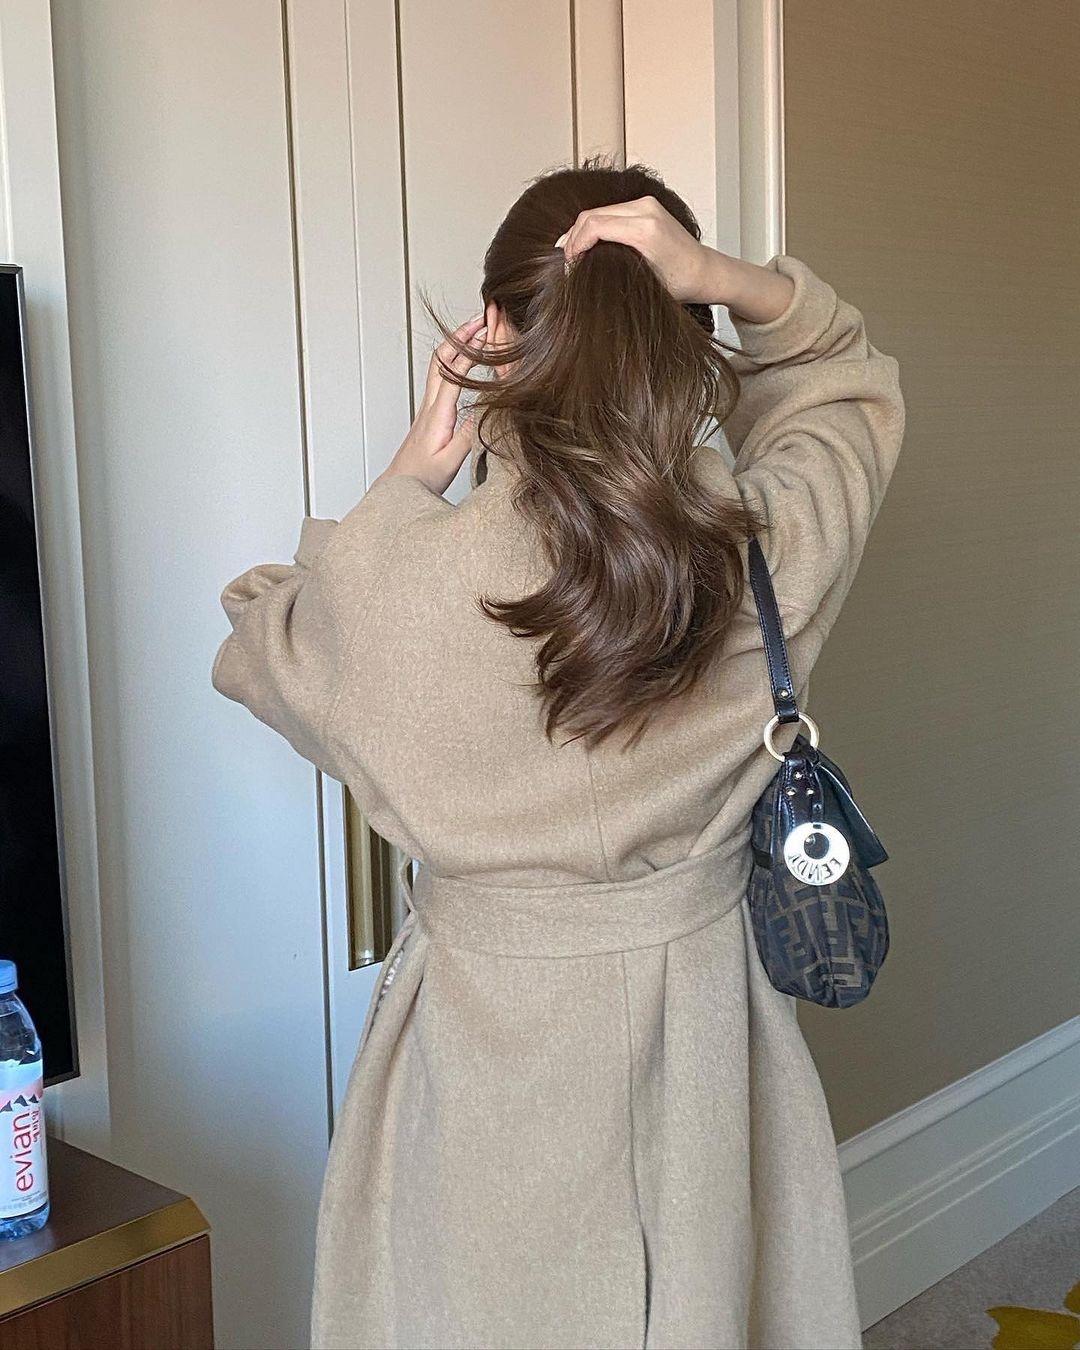 Làm tóc xoăn thì xinh lịm tim rồi nhưng muốn giữ nếp tóc bồng bềnh, dài lâu thì bạn cần ghim thêm 5 tip này - Ảnh 3.